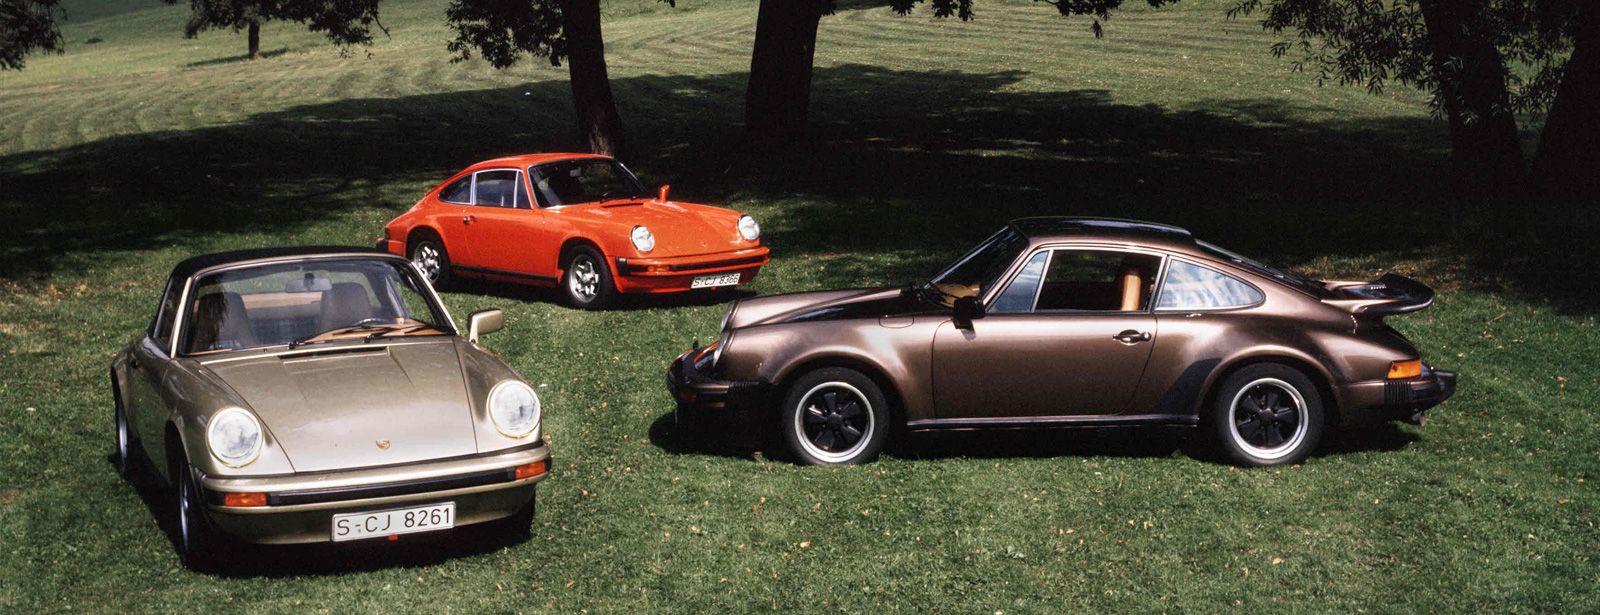 Porsche 911 Carrera 1974-1977 e 1984-1989